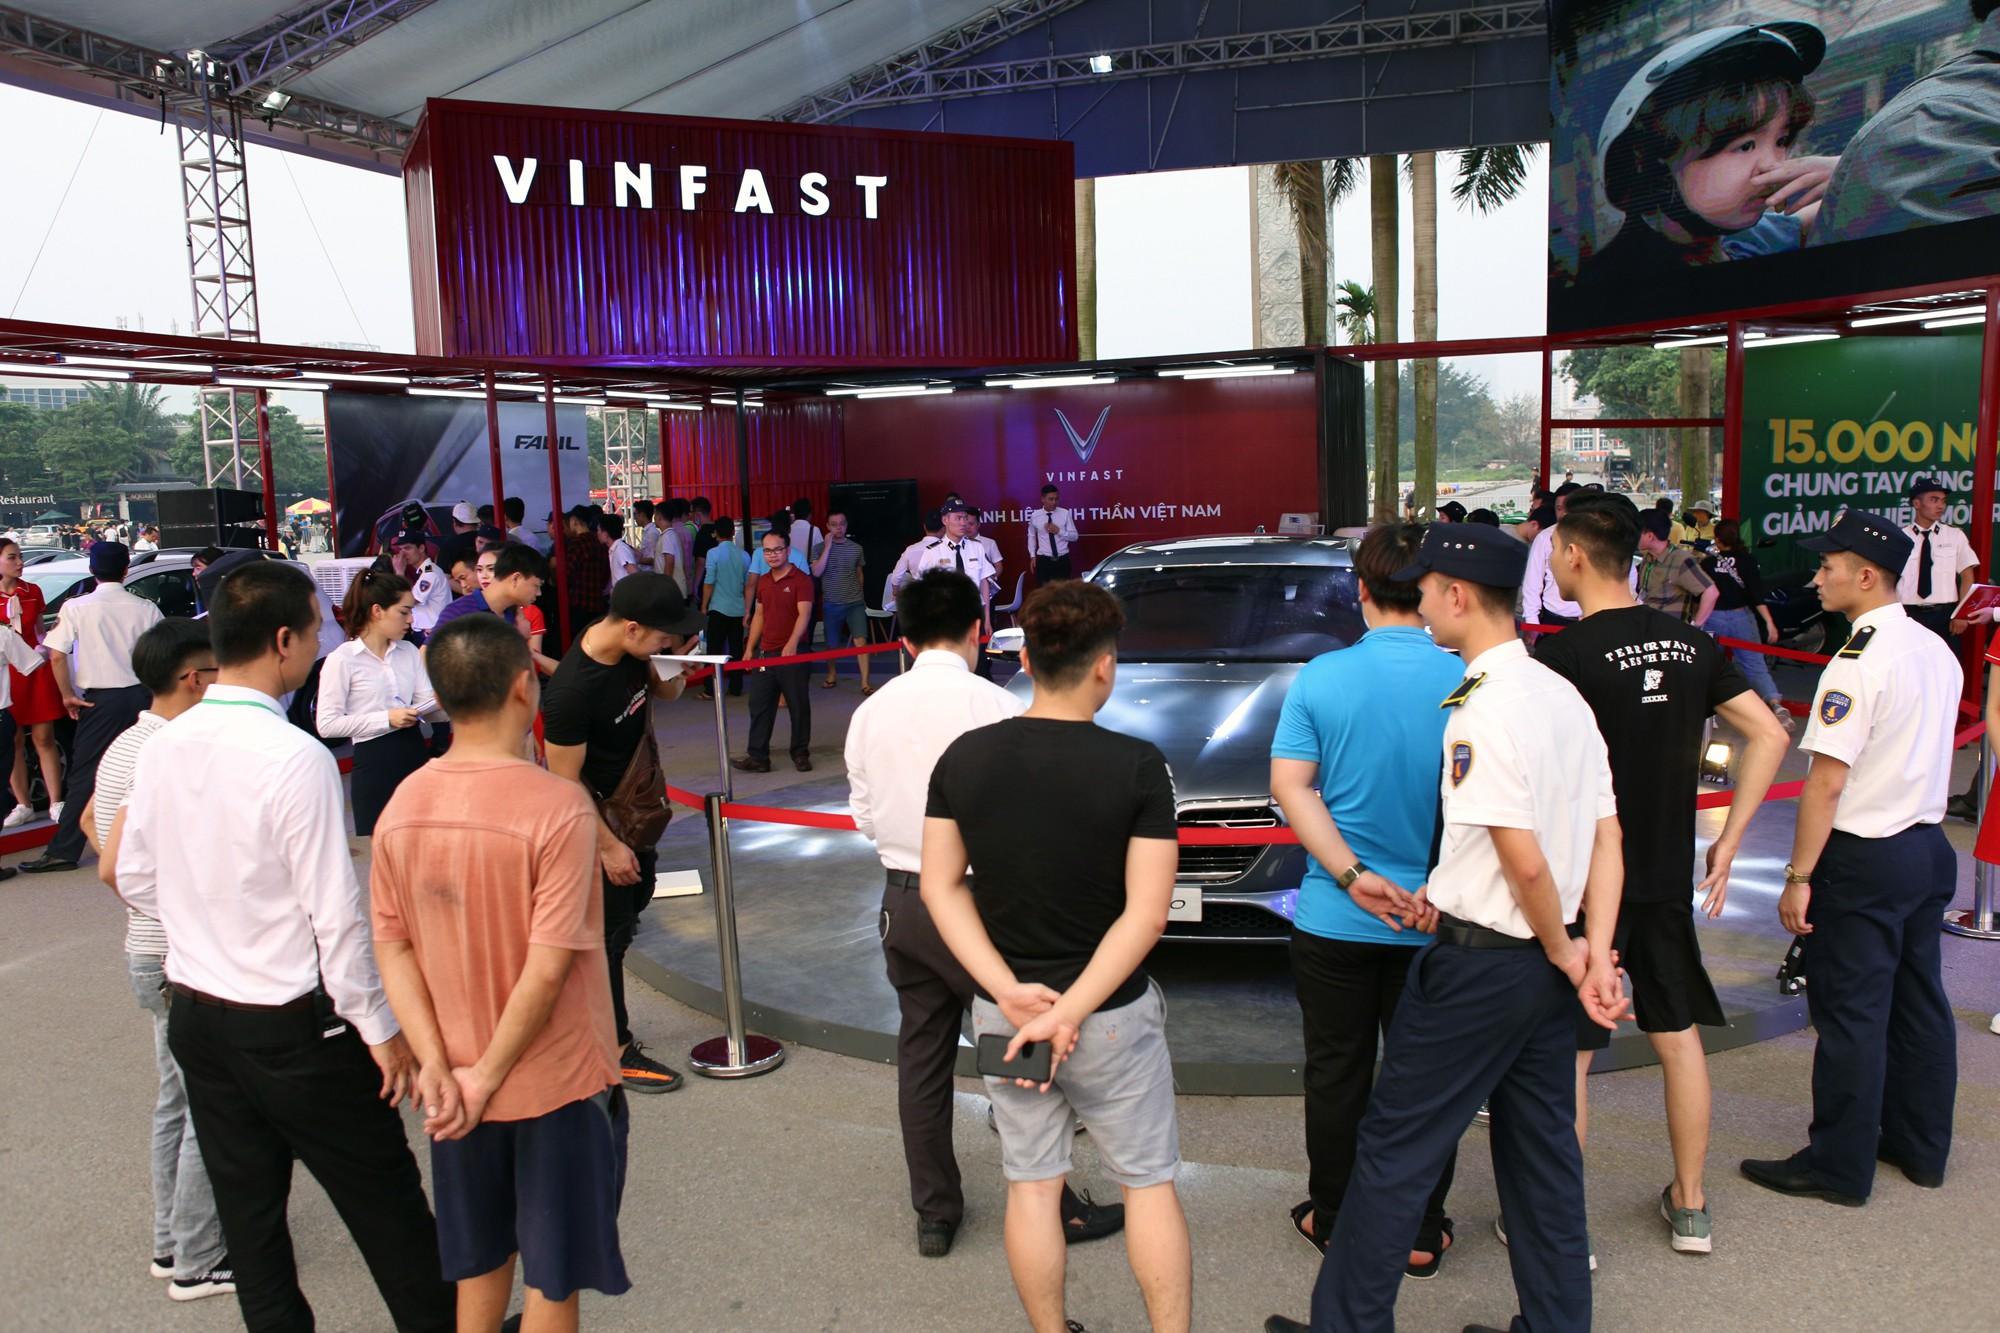 Tận mắt thấy ô tô Vinfast ở sân vận động Mỹ Đình - Ảnh 5.